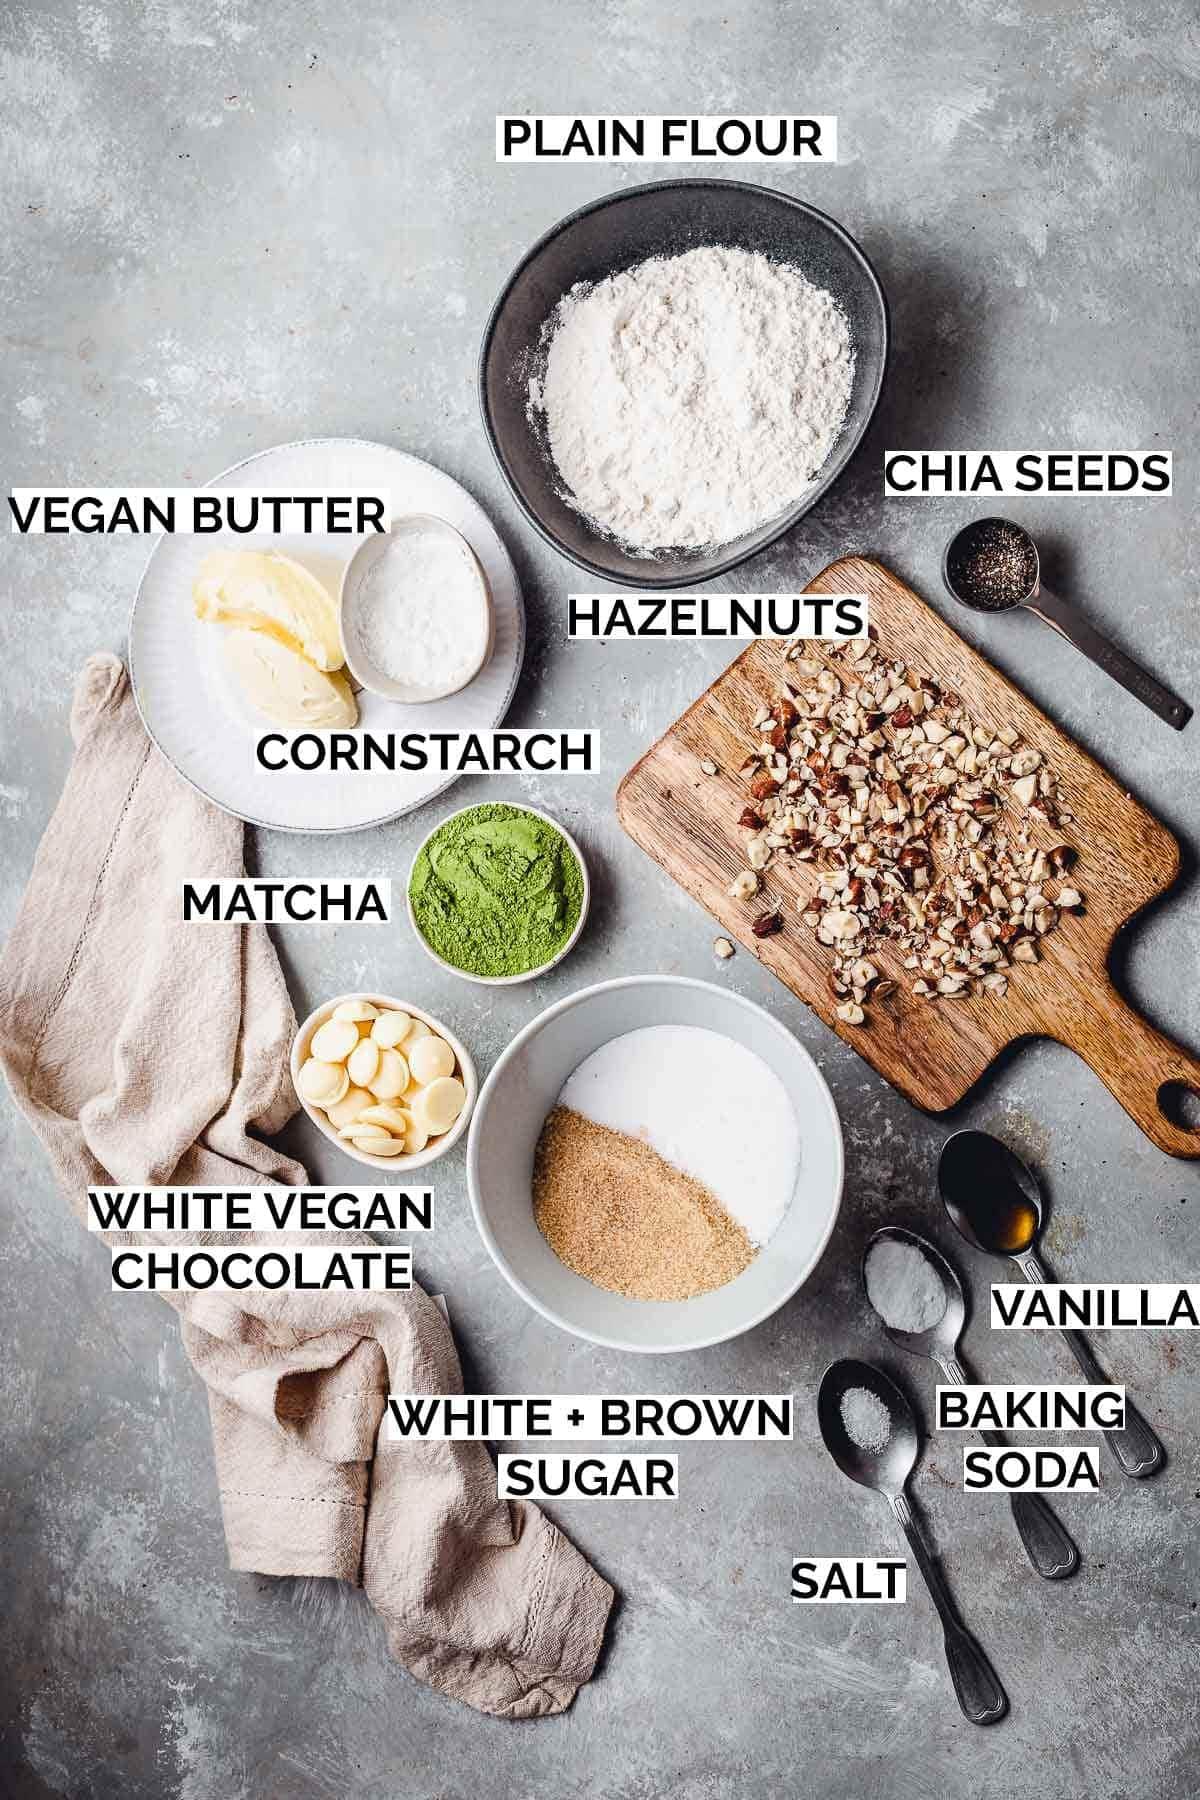 All ingredients needed to bake vegan matcha cookies.